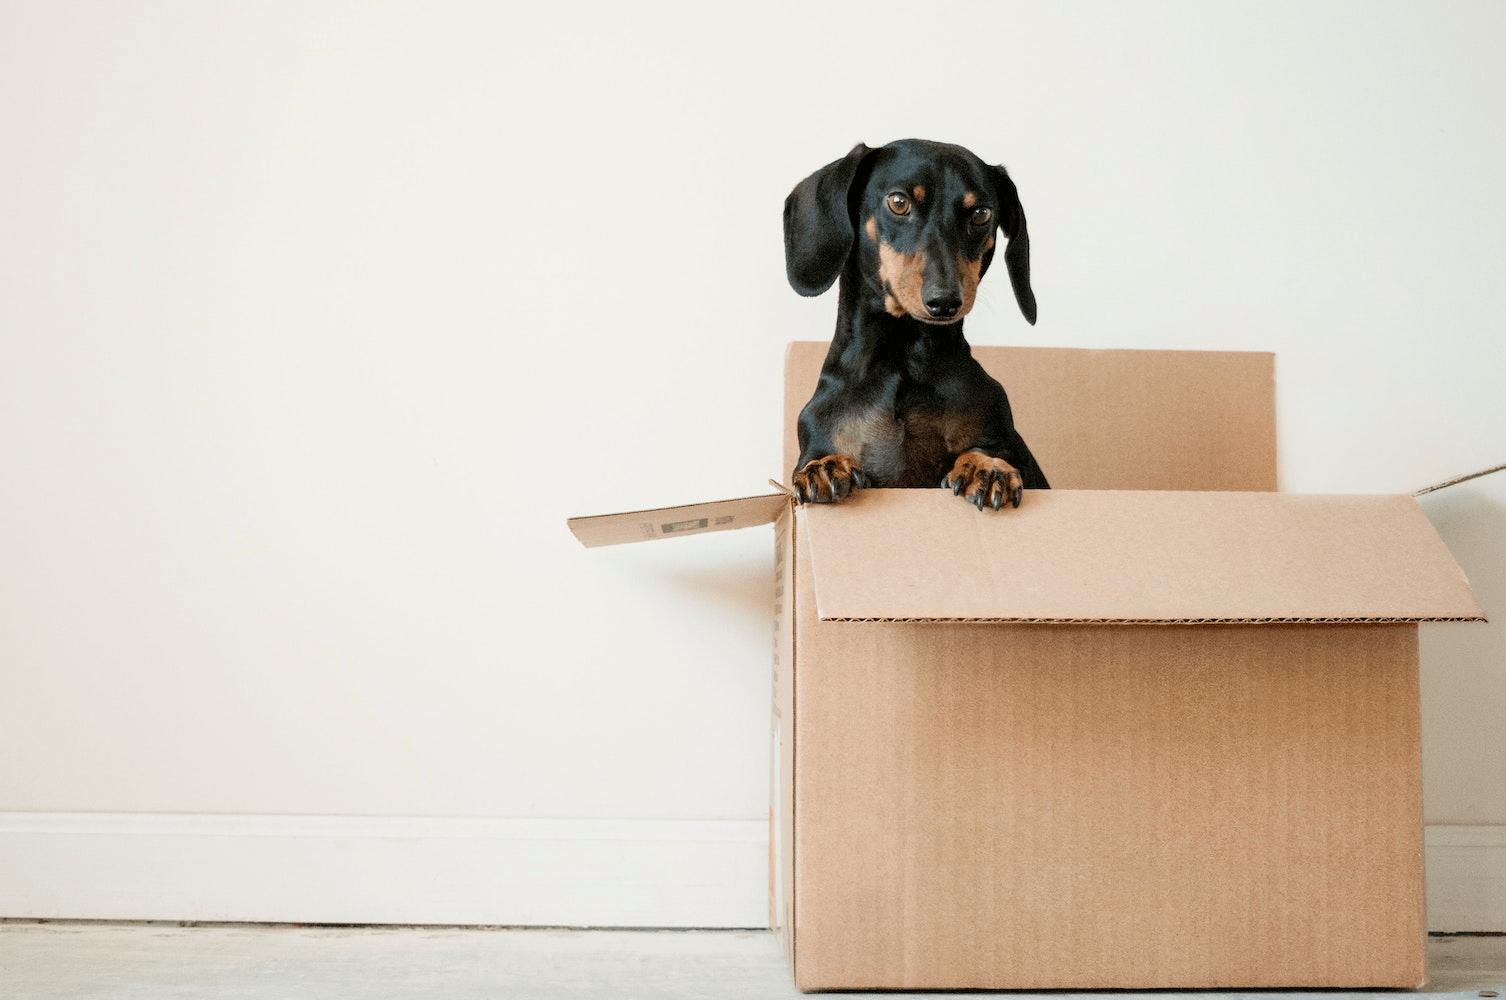 Sådan får du lettest og billigst flyttet dine ting